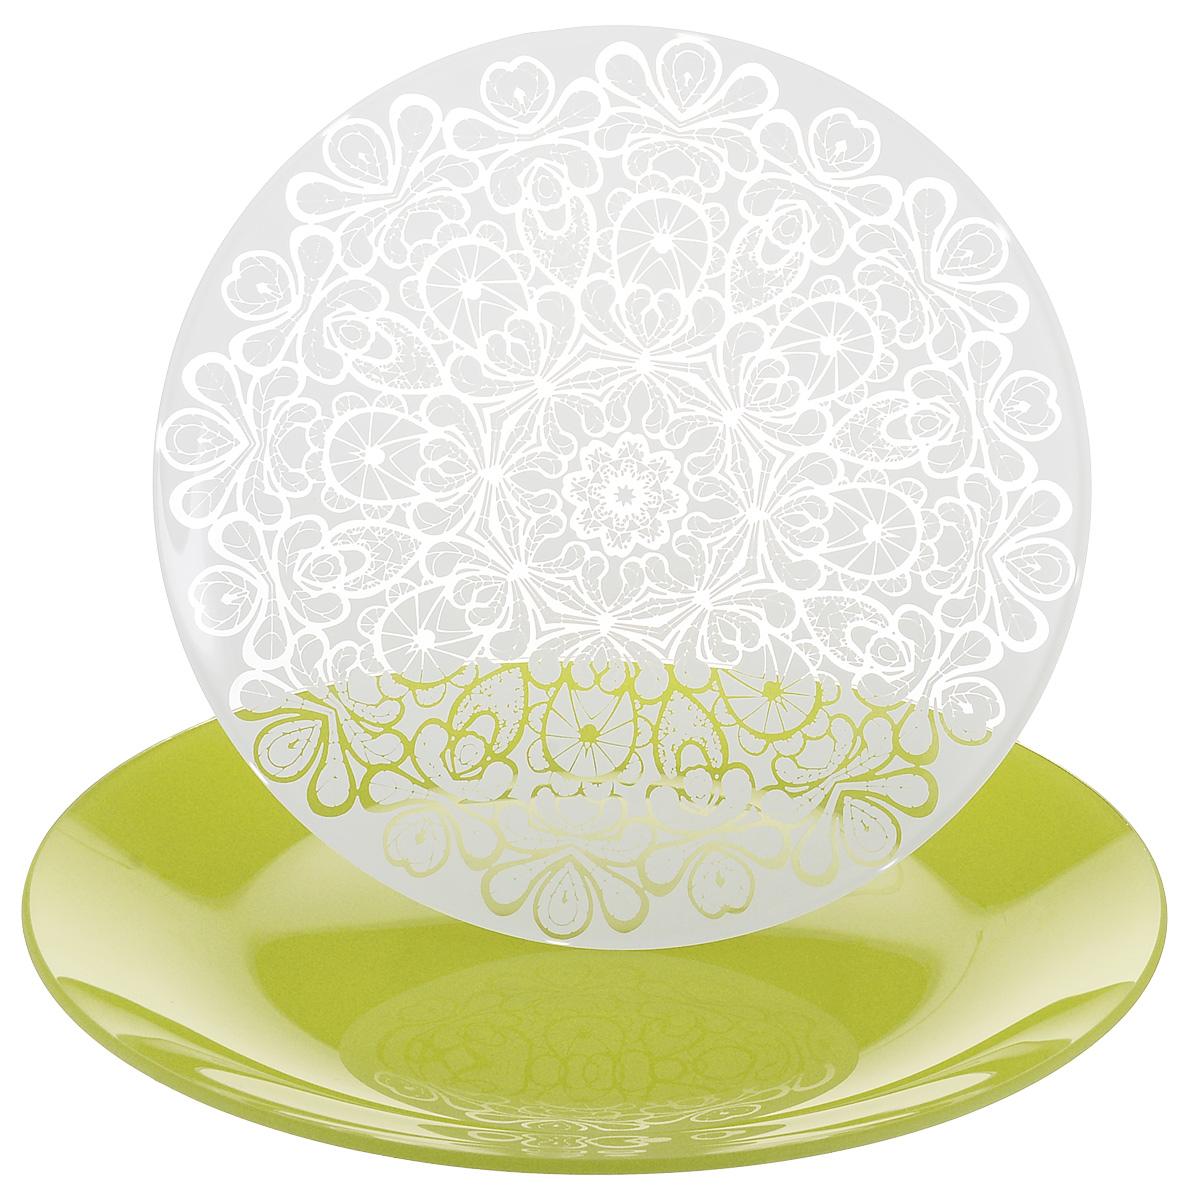 Набор тарелок NiNaGlass, цвет: зеленый, диаметр 20 см, 2 шт. 85-200-141з85-200-141зНабор тарелок NiNaGlass Кружево и Палитра выполнена из высококачественного стекла, декорирована под Вологодское кружево и подстановочная тарелка яркий насыщенный цвет. Набор идеален для подачи горячих блюд, сервировки праздничного стола, нарезок, салатов, овощей и фруктов. Он отлично подойдет как для повседневных, так и для торжественных случаев. Такой набор прекрасно впишется в интерьер вашей кухни и станет достойным дополнением к кухонному инвентарю.